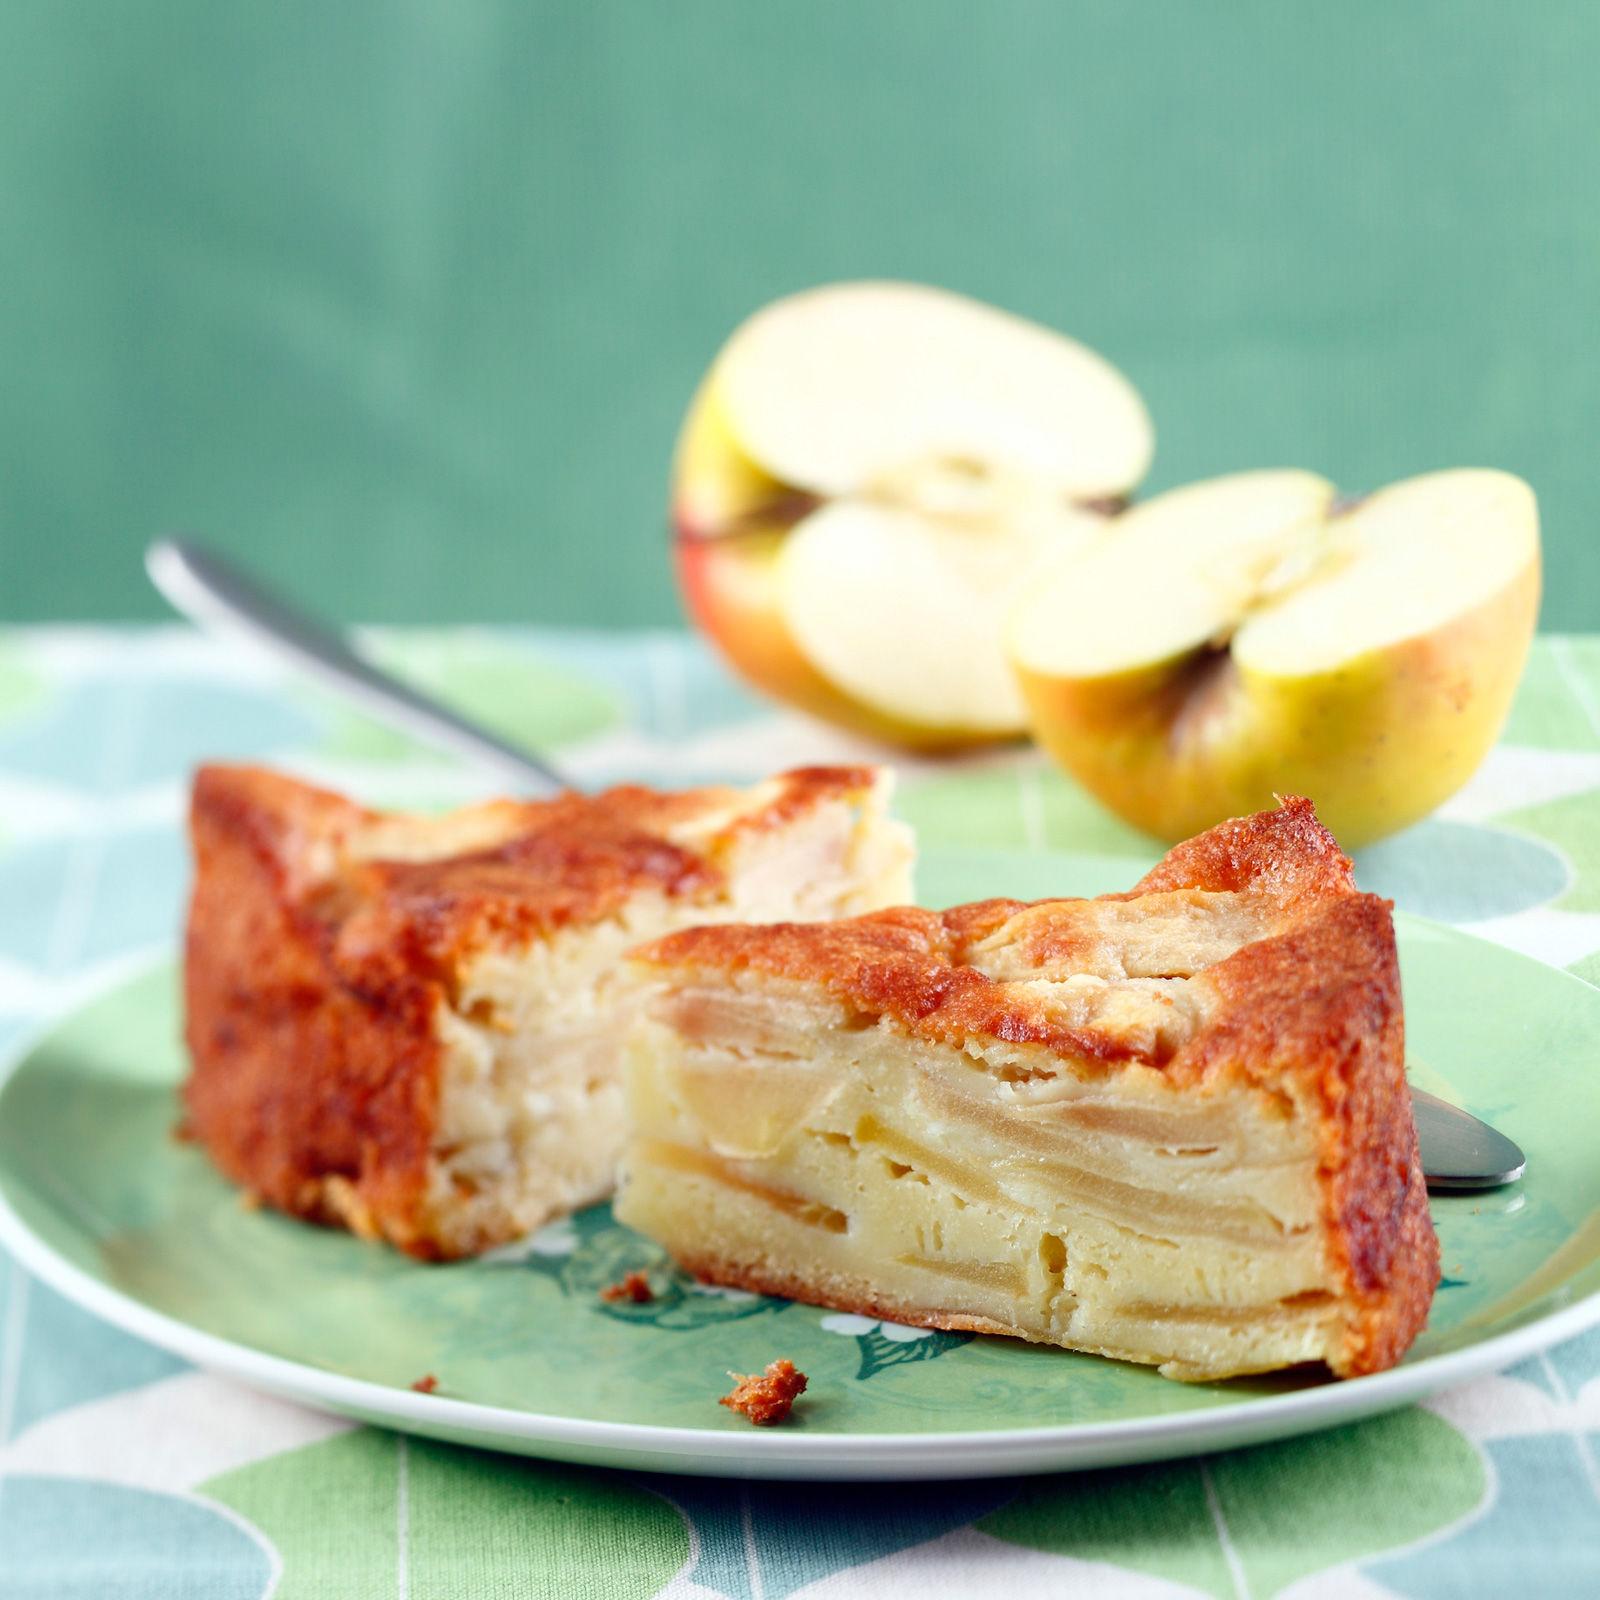 Gâteau yaourt : un délice à chaque bouchée